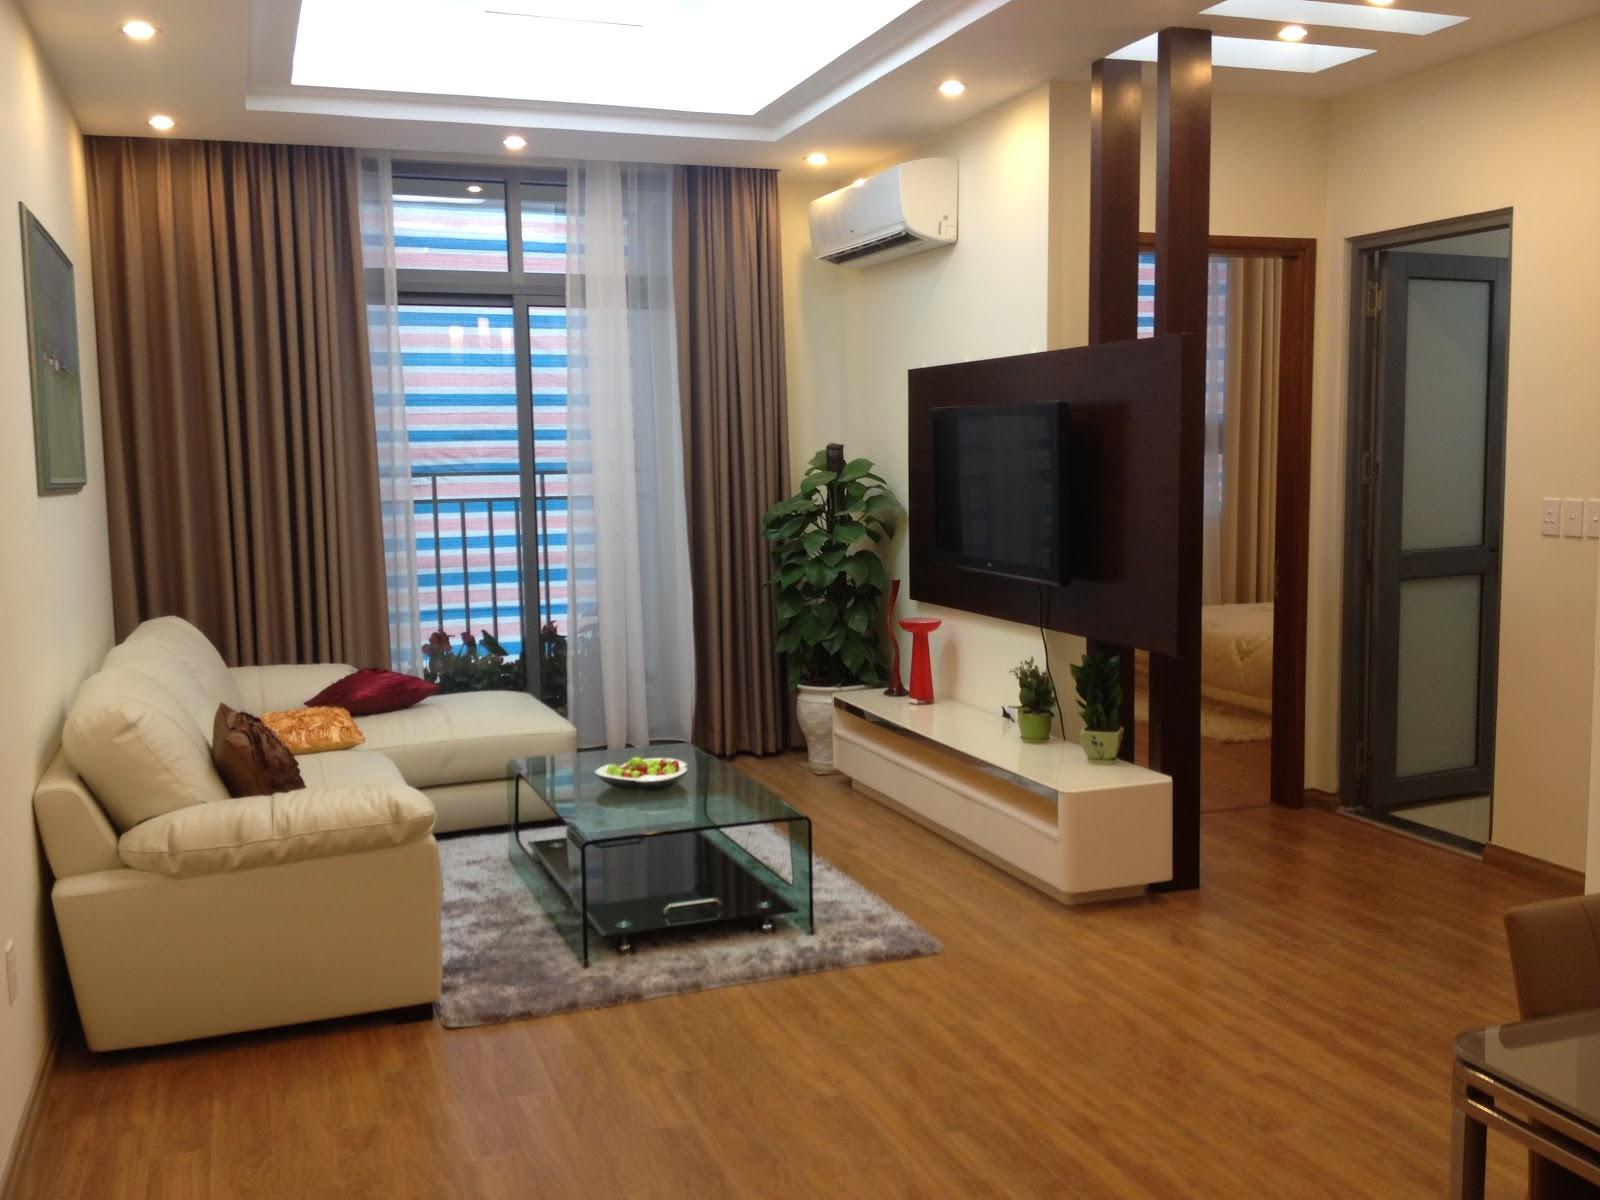 Phòng khách sang trọng tại chung cư An Bình City - 232 Phạm Văn Đồng